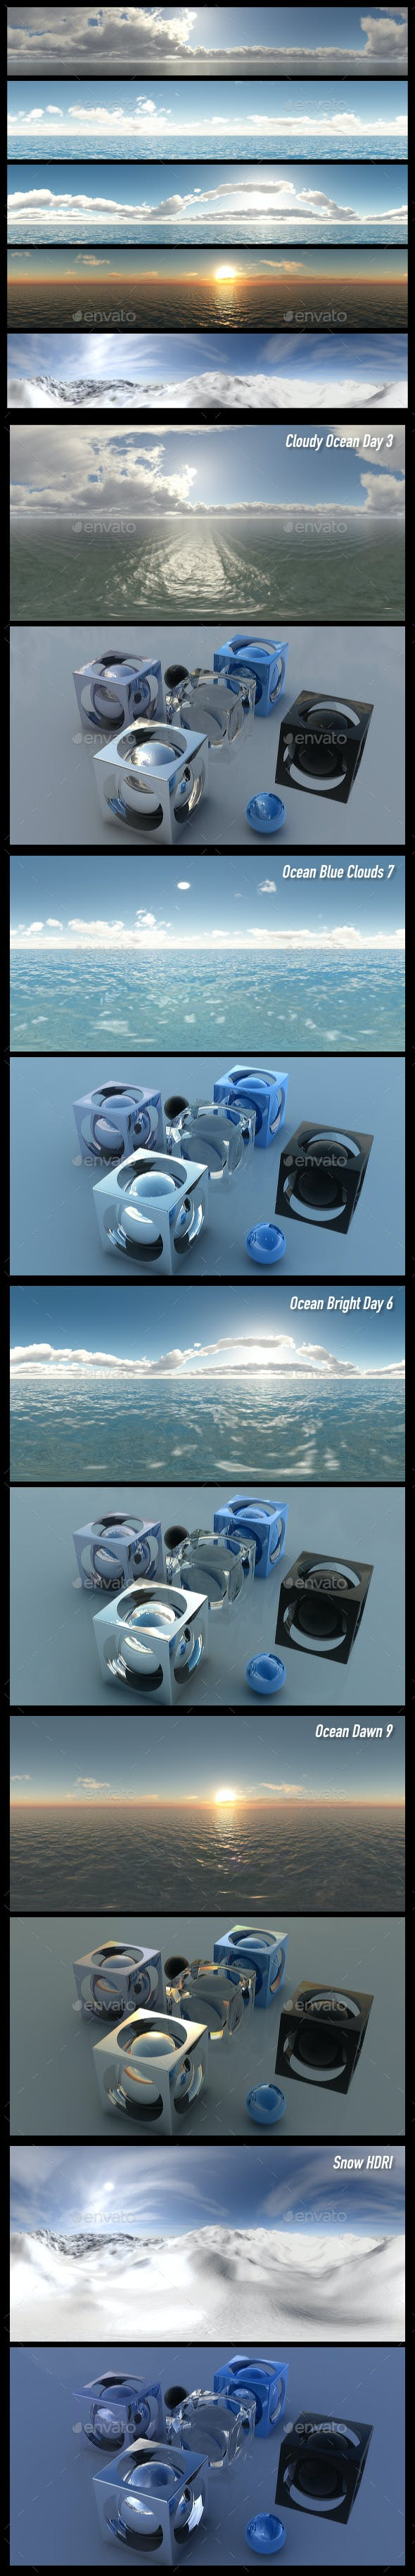 HDRI Pack 10 - 3DOcean Item for Sale